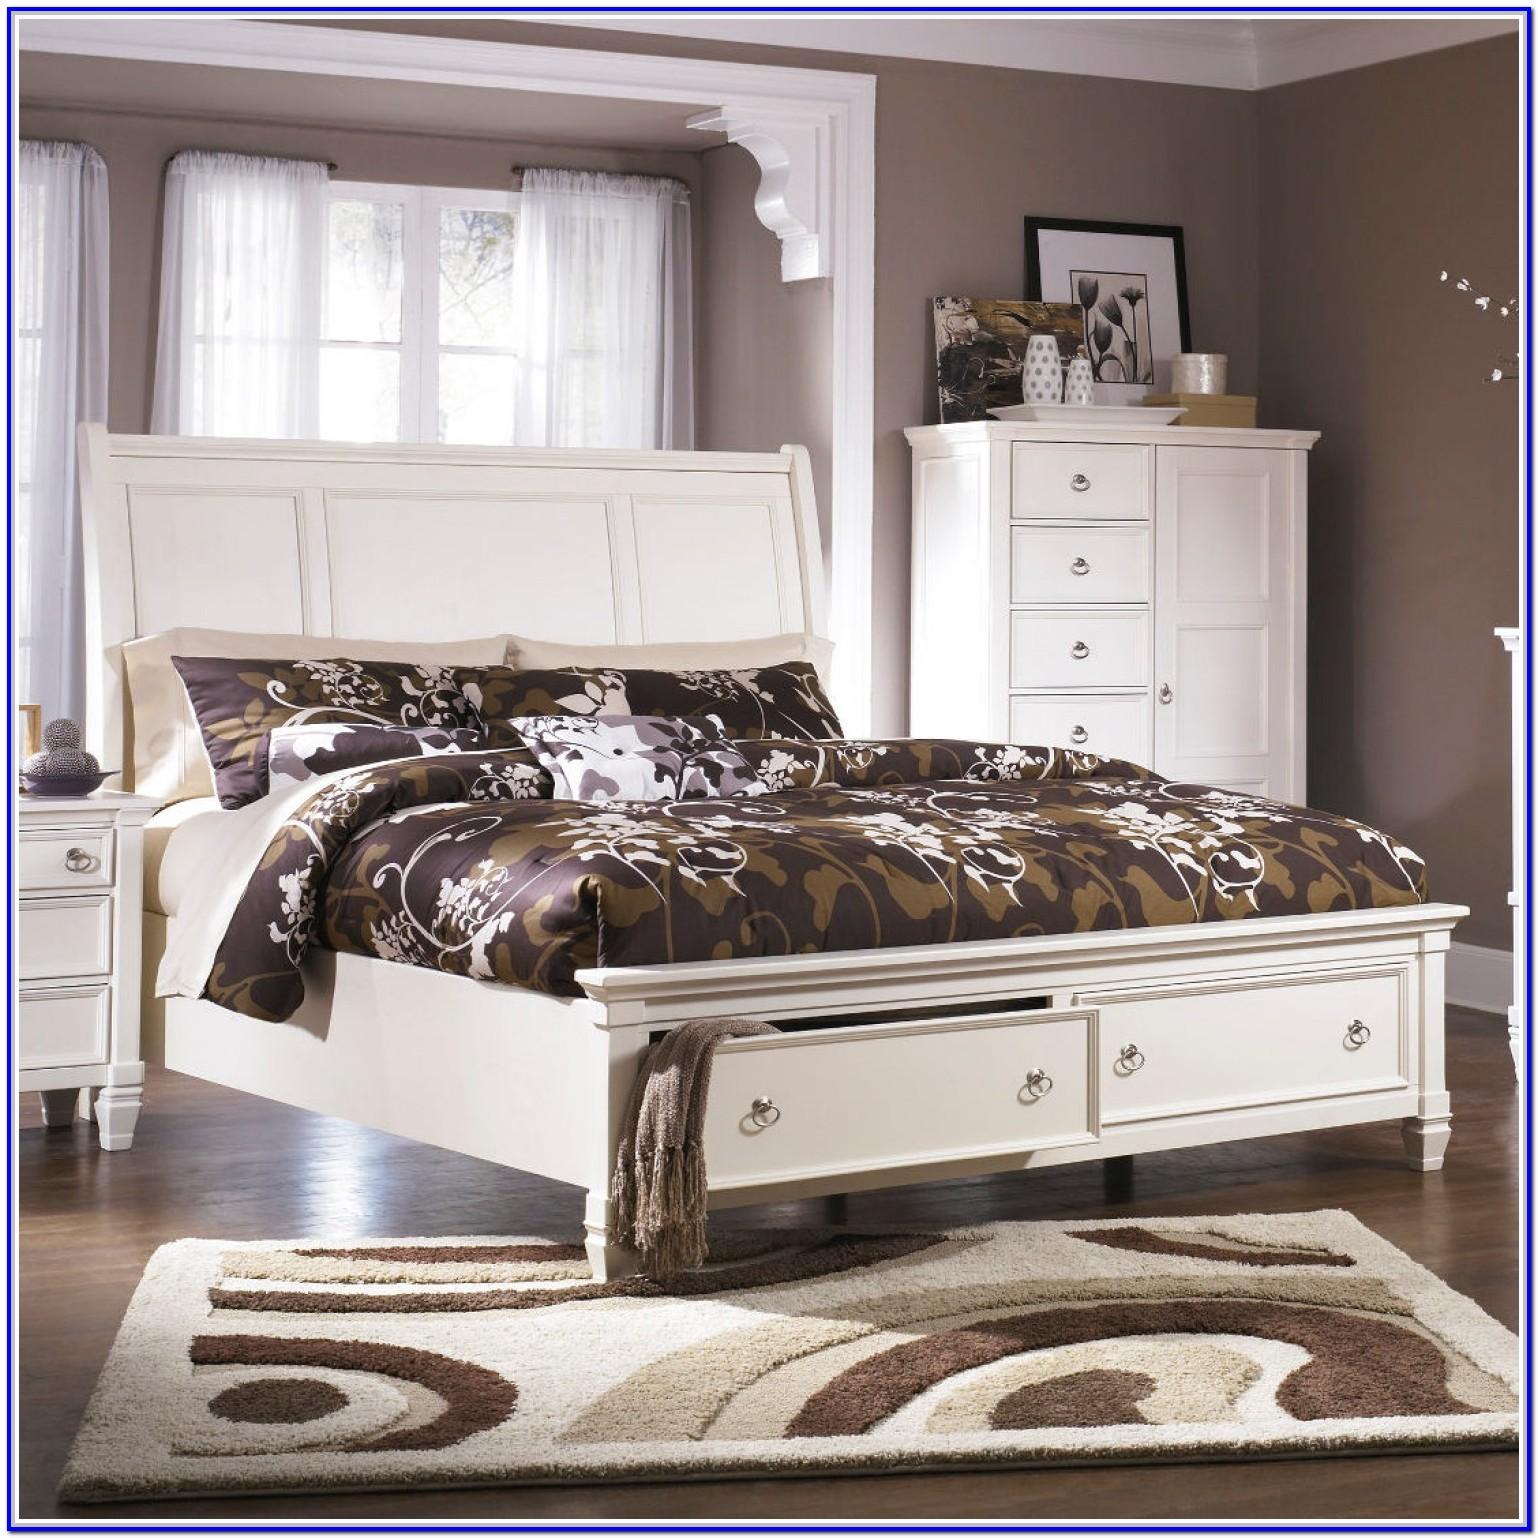 Ashley Furniture King Size Bed Frame